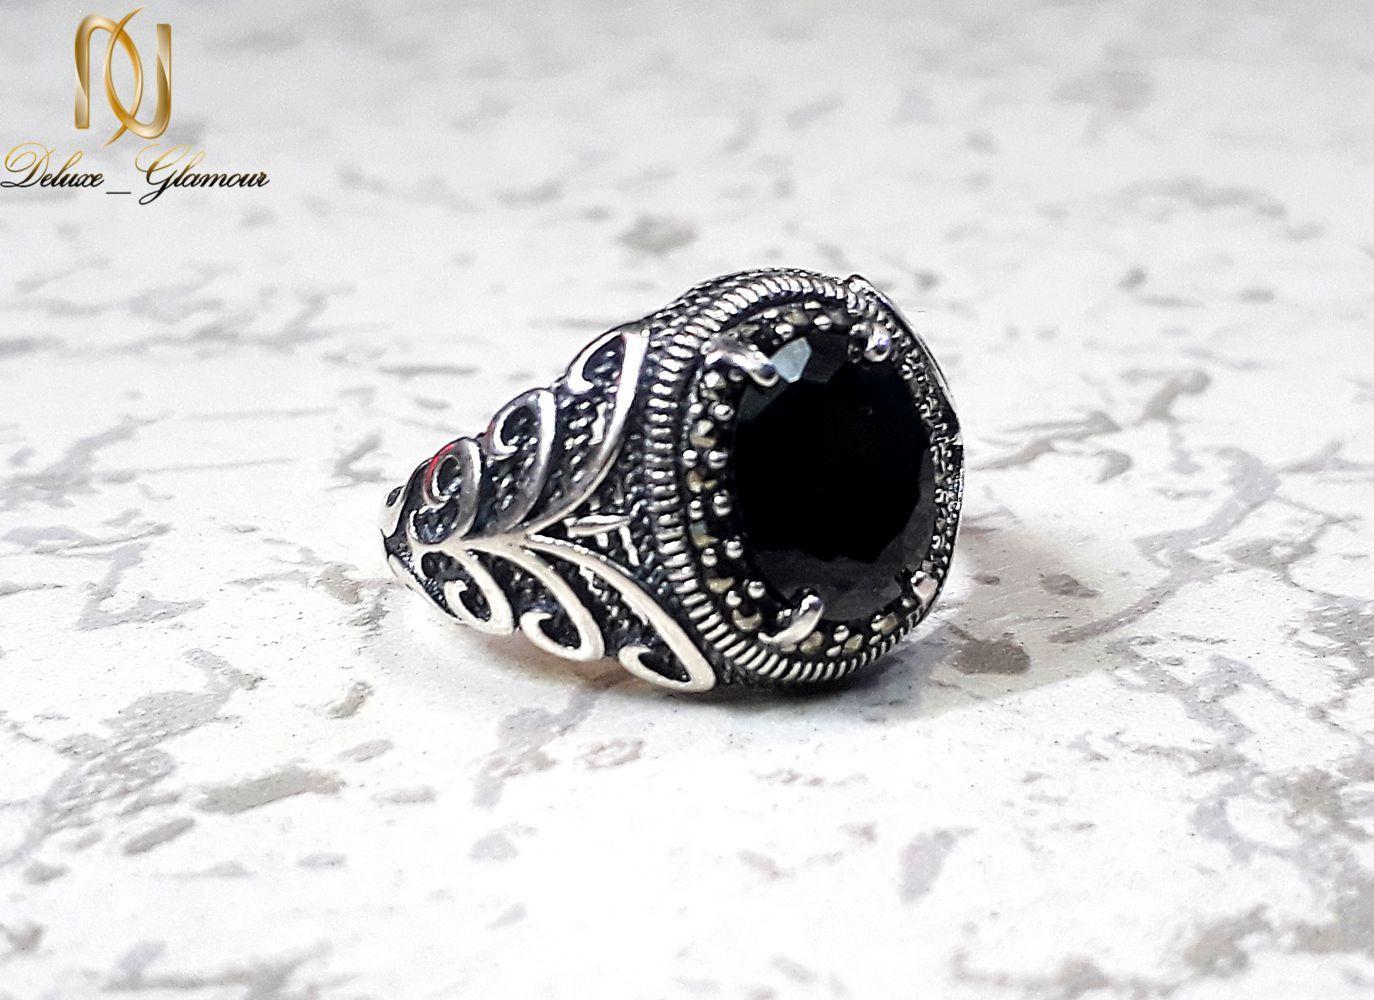 انگشتر نقره مردانه عیار 925 با نگین عقیق مشکی rg-n252 از نمای روبرو